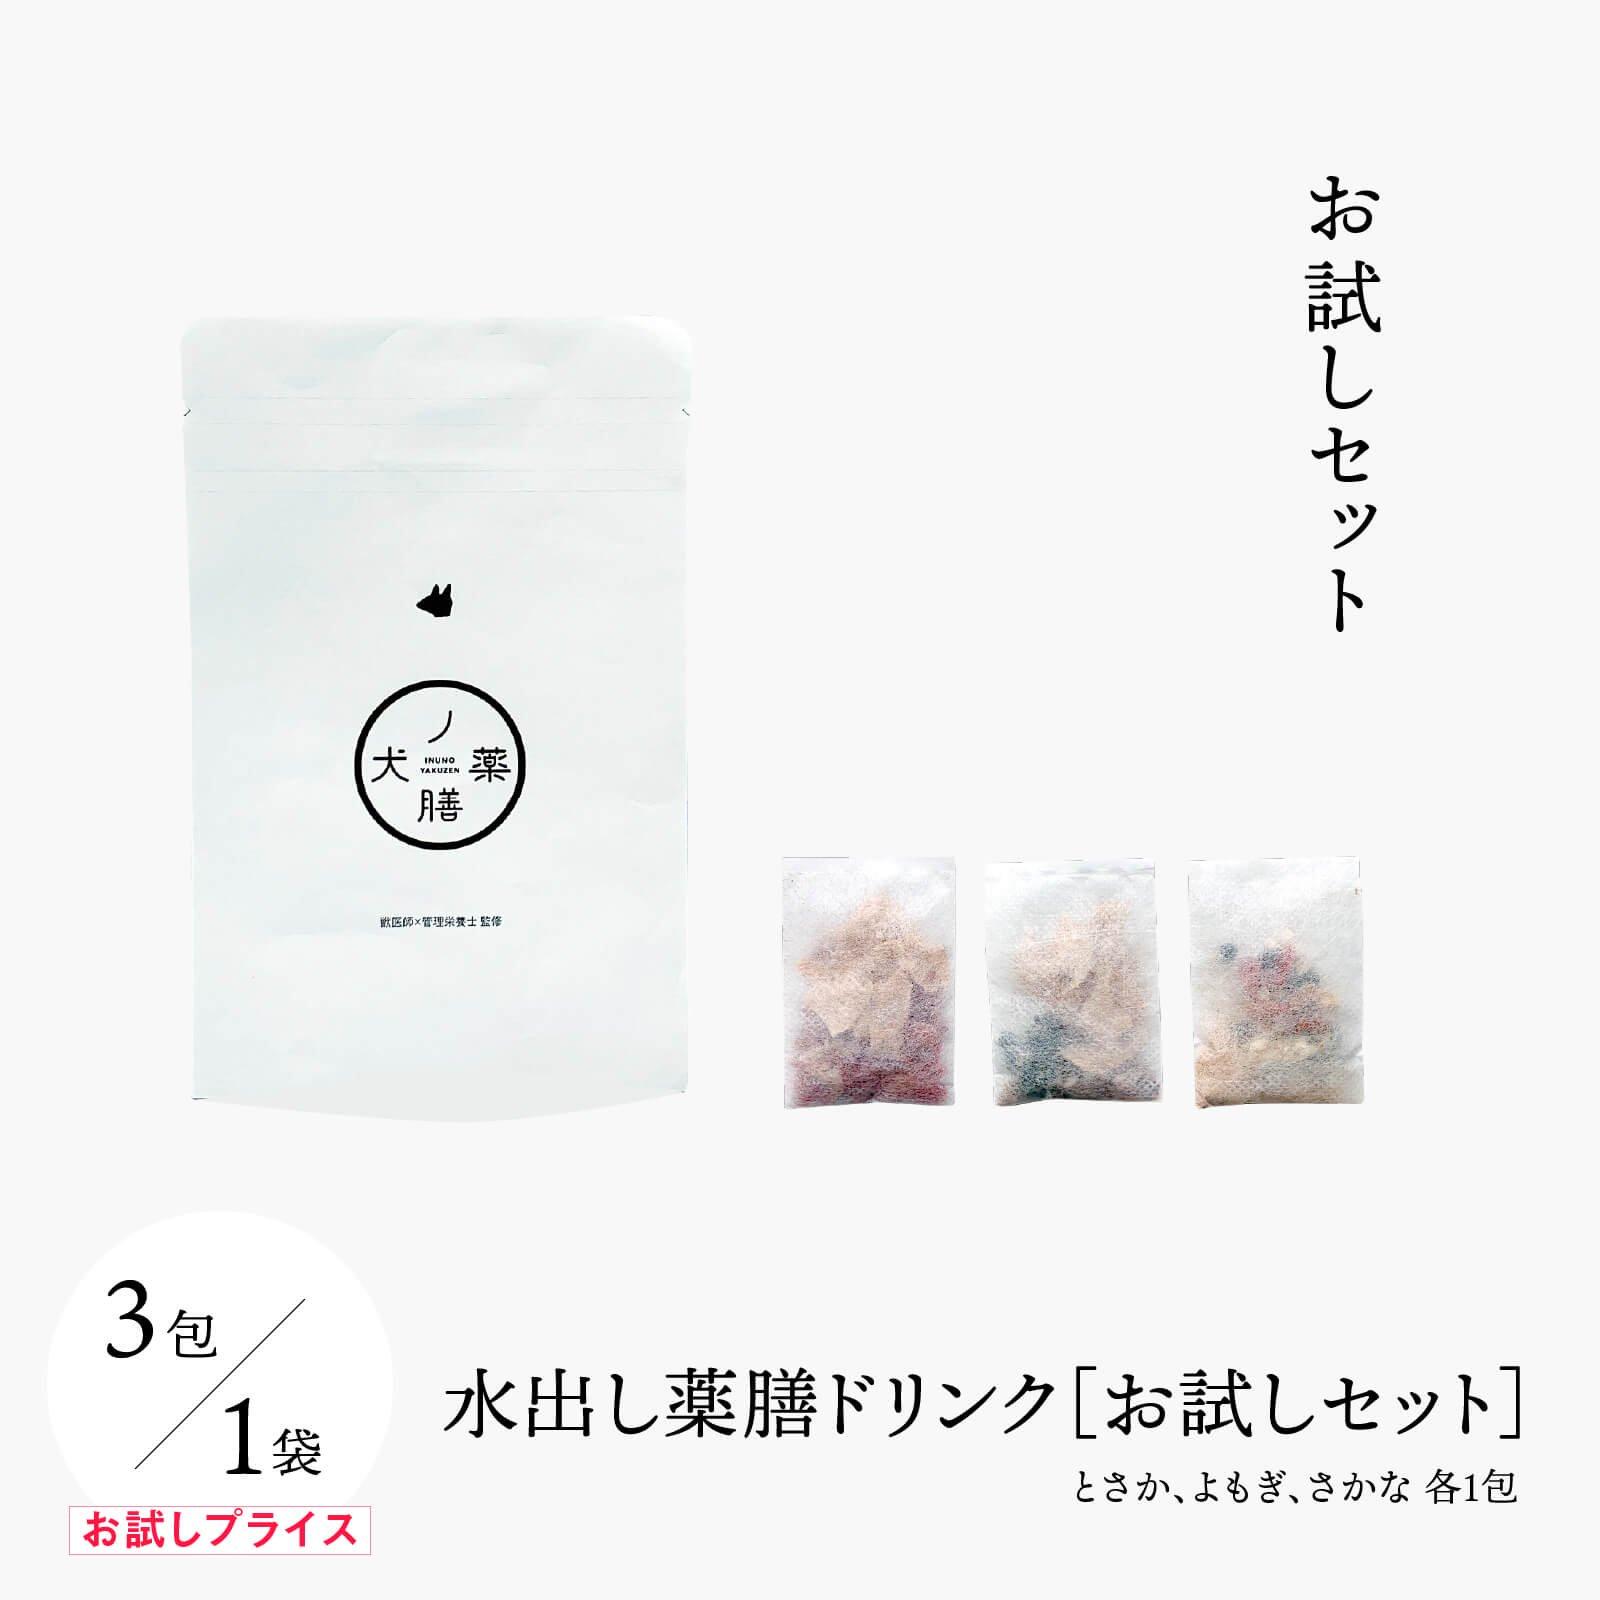 犬ノ薬膳|水出し薬膳ドリンク-お試しセット[3包]【送料無料・初回限定・お一家族様1回限り】